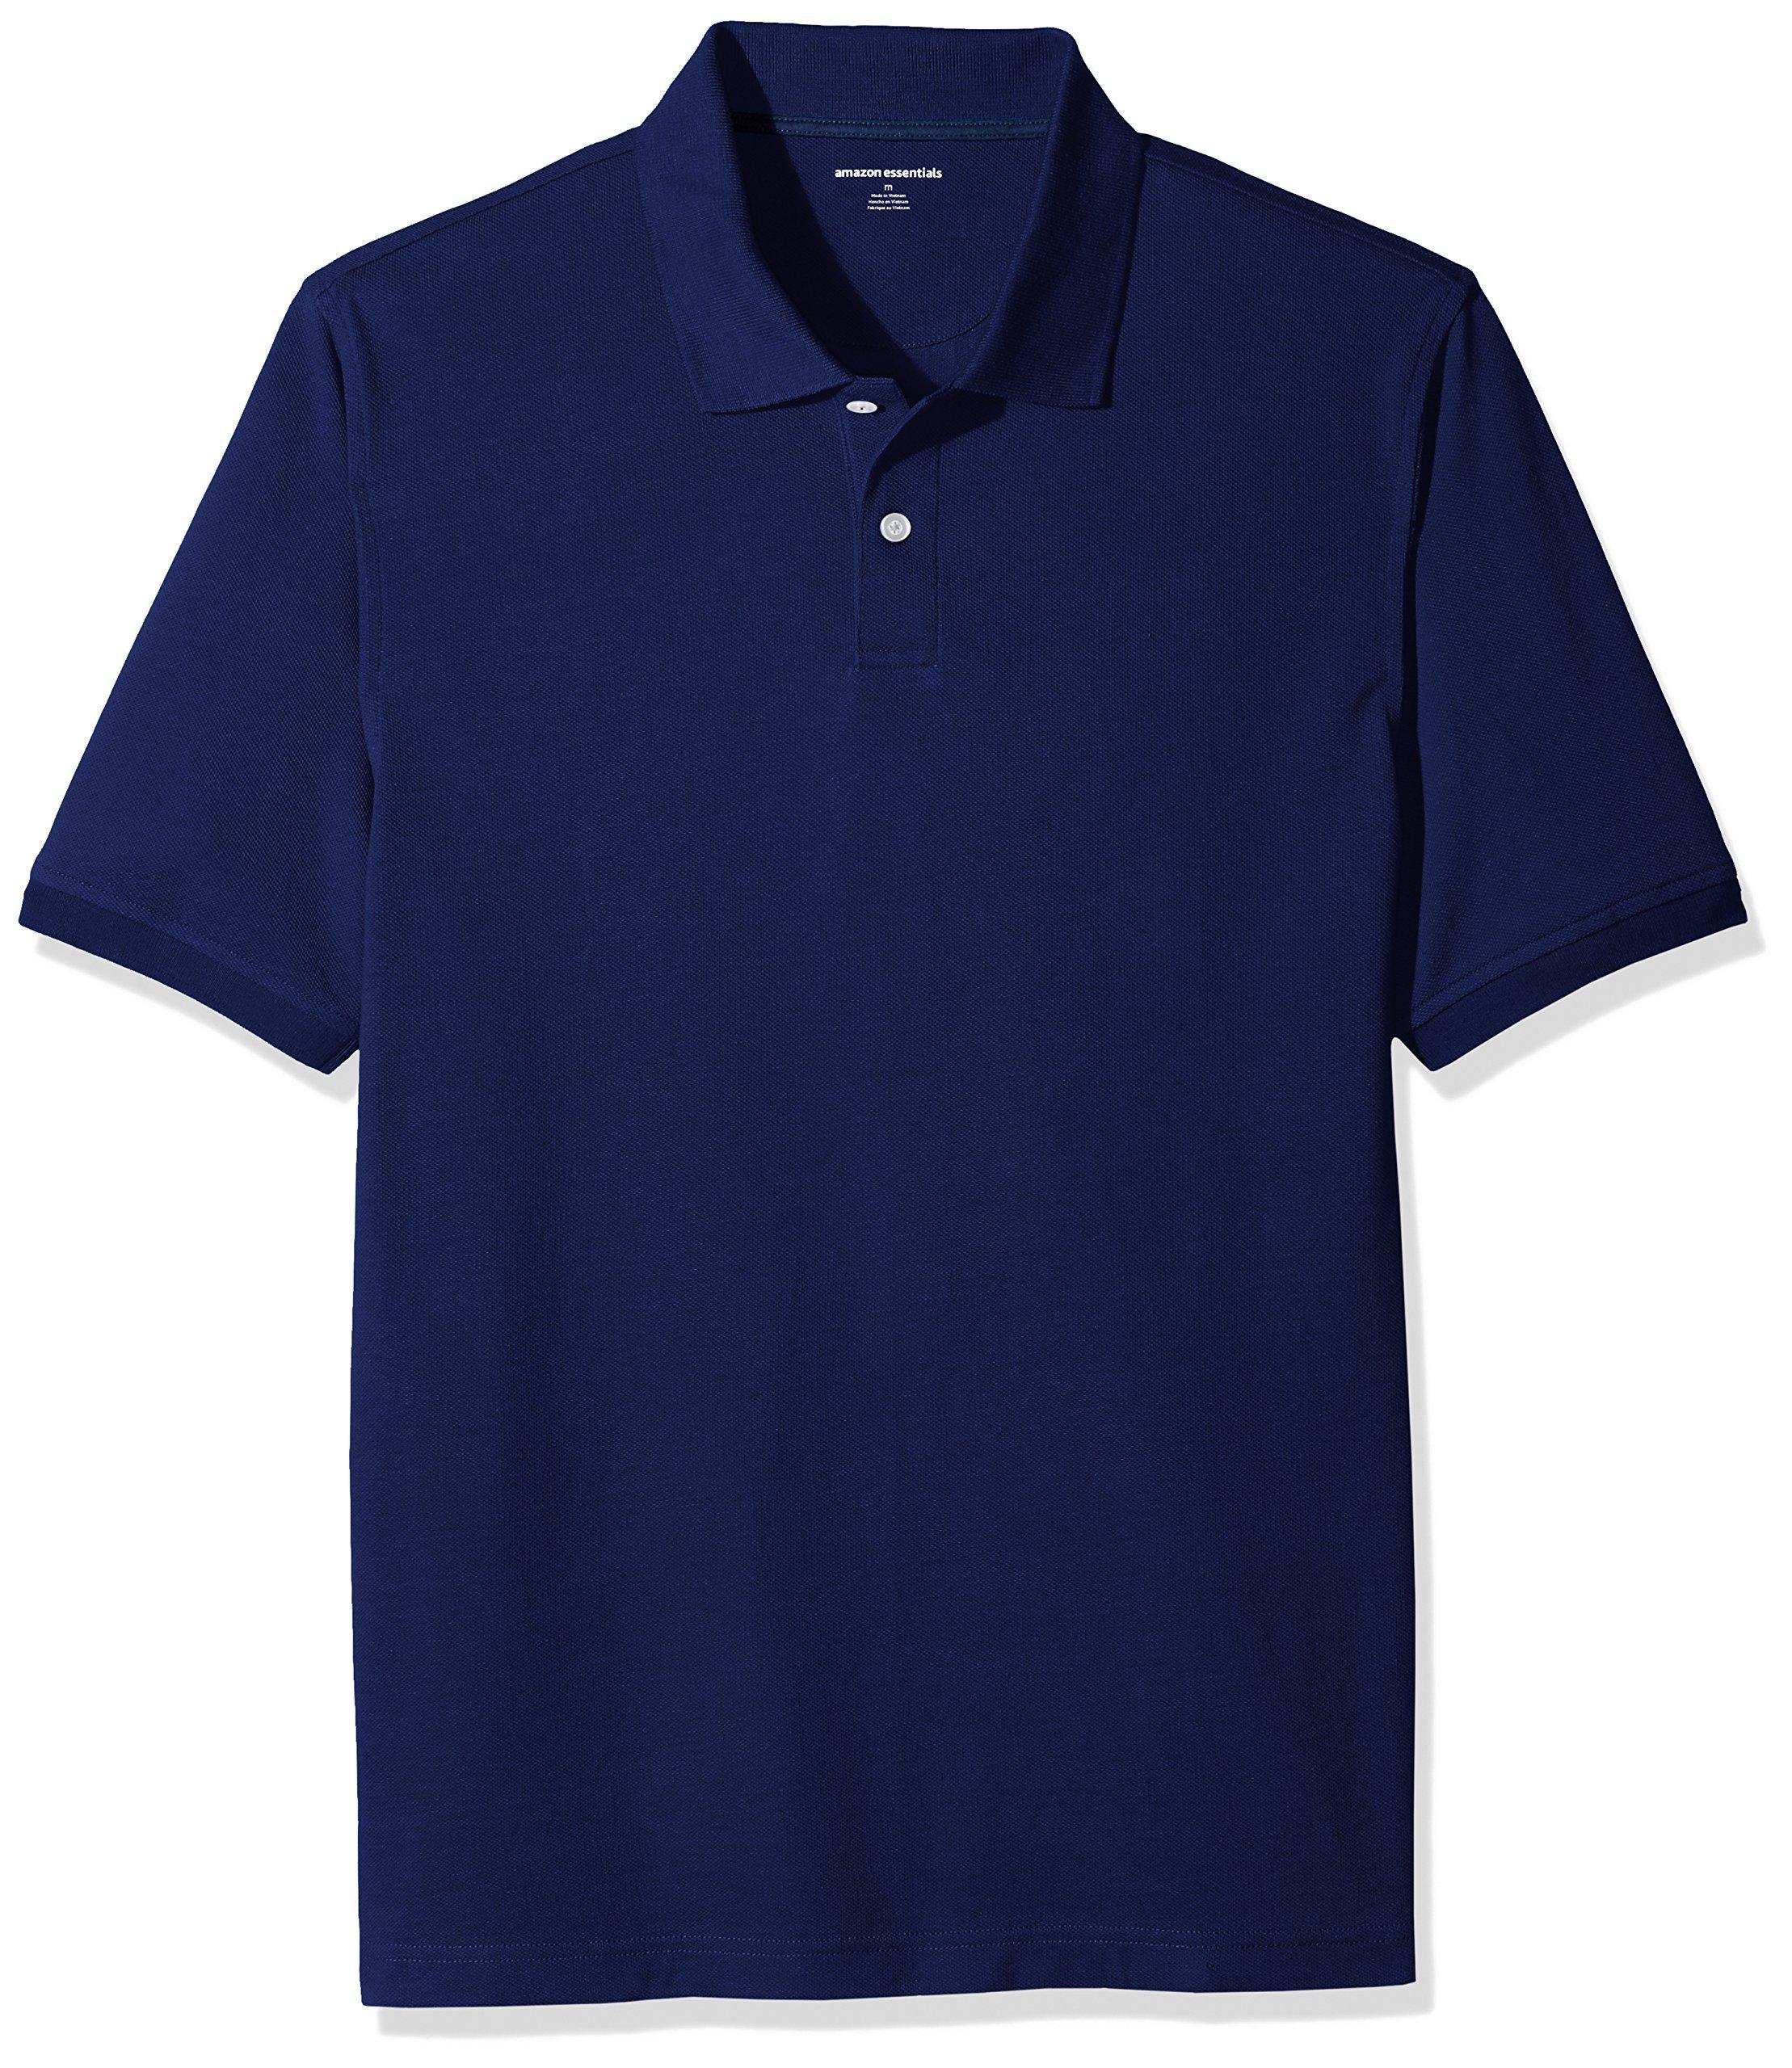 Amazon Essentials Men's Regular-Fit Cotton Pique Polo Shirt, Navy, Large